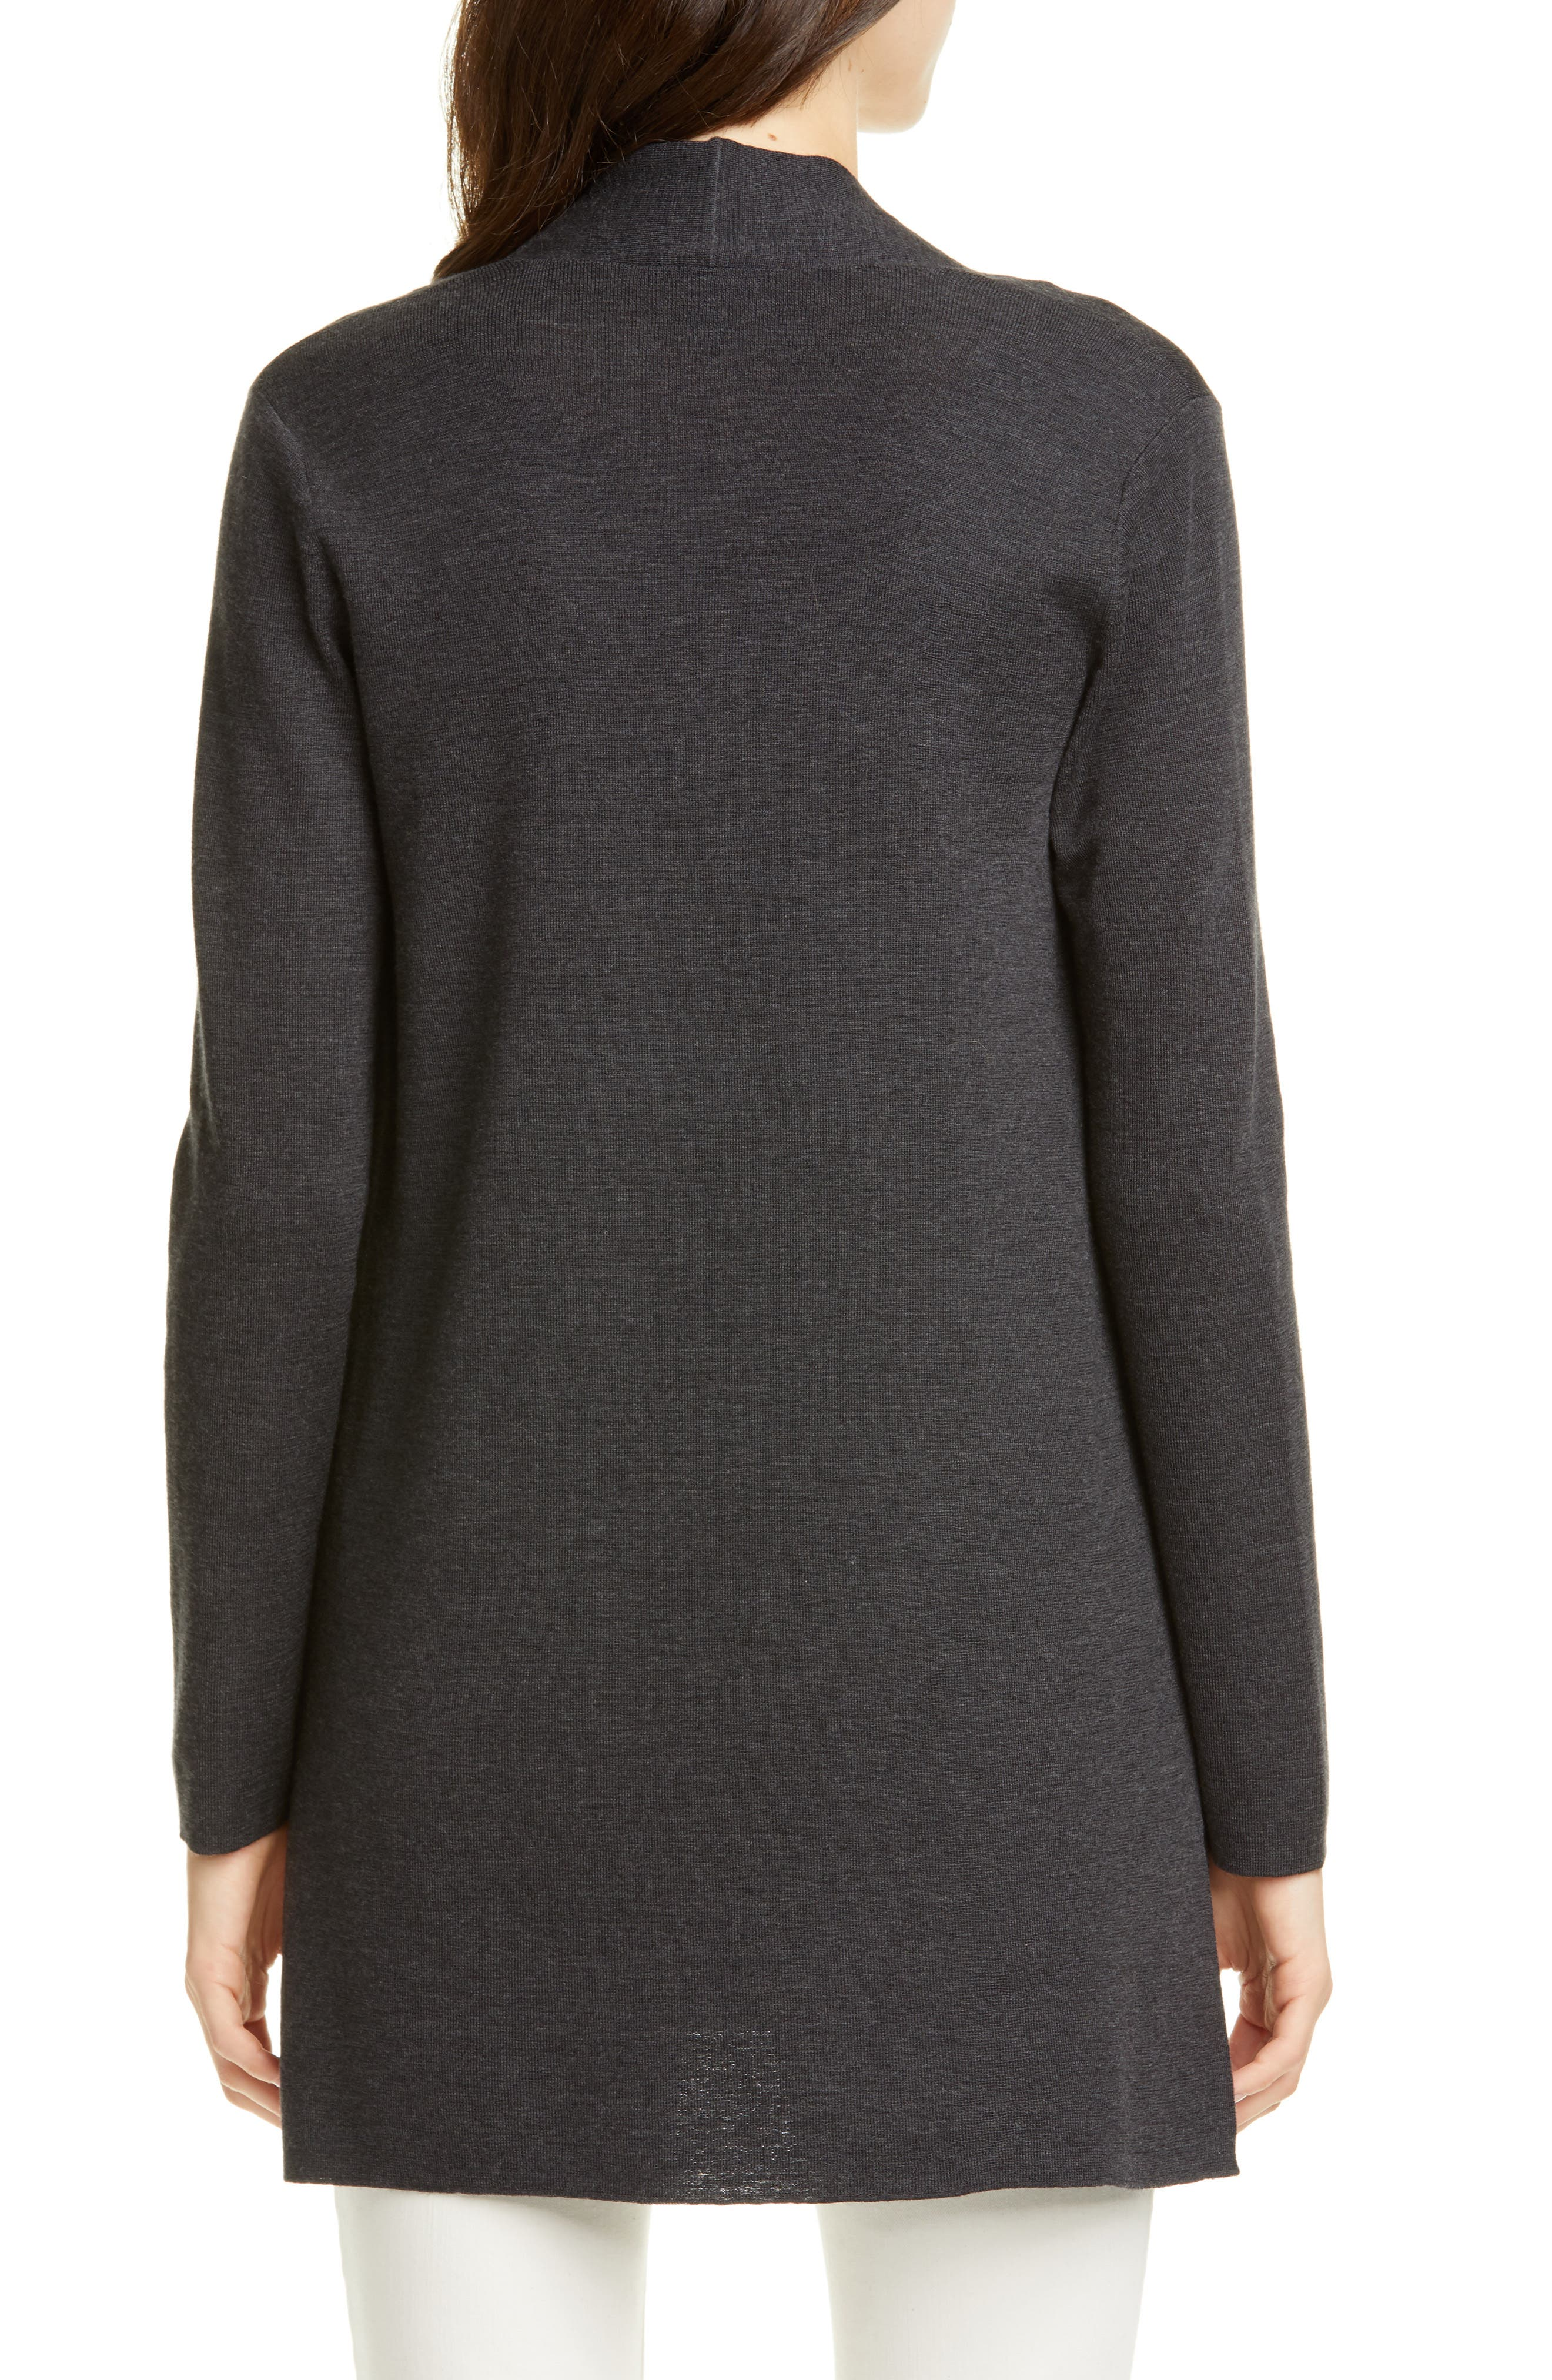 7564b7a3 Women's Sweaters: Sale | Nordstrom